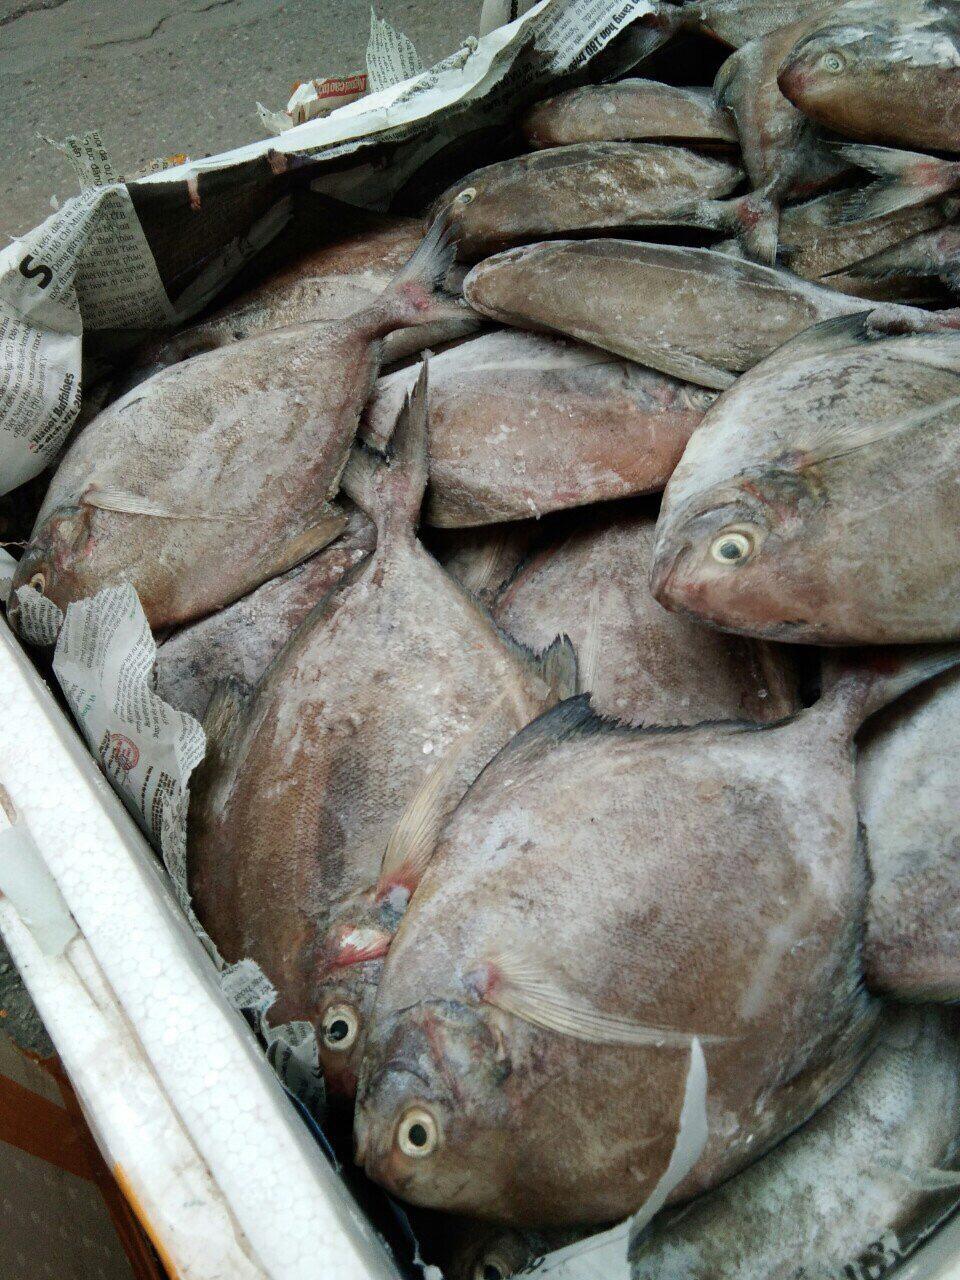 """8 loại cá """"đại bổ"""" giàu chất dinh dưỡng bậc nhất, vừa ngon vừa rẻ có rất nhiều ở Việt Nam - Ảnh 8."""